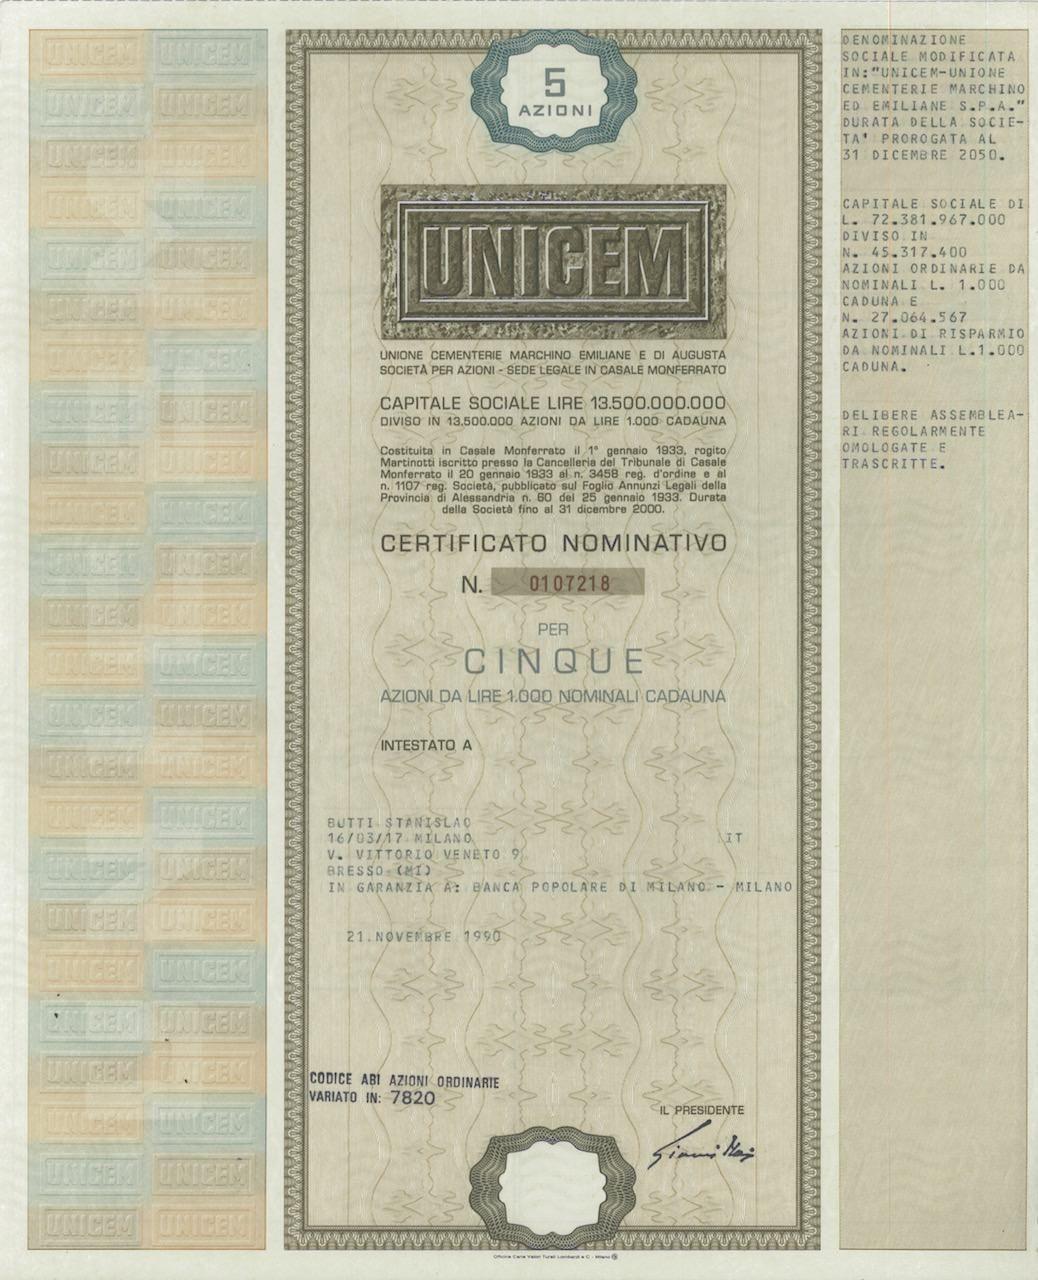 UNICEM - #scripomarket #scriposigns #scripofilia #scripophily #finanza #finance #collezionismo #collectibles #arte #art #scripoart #scripoarte #borsa #stock #azioni #bonds #obbligazioni